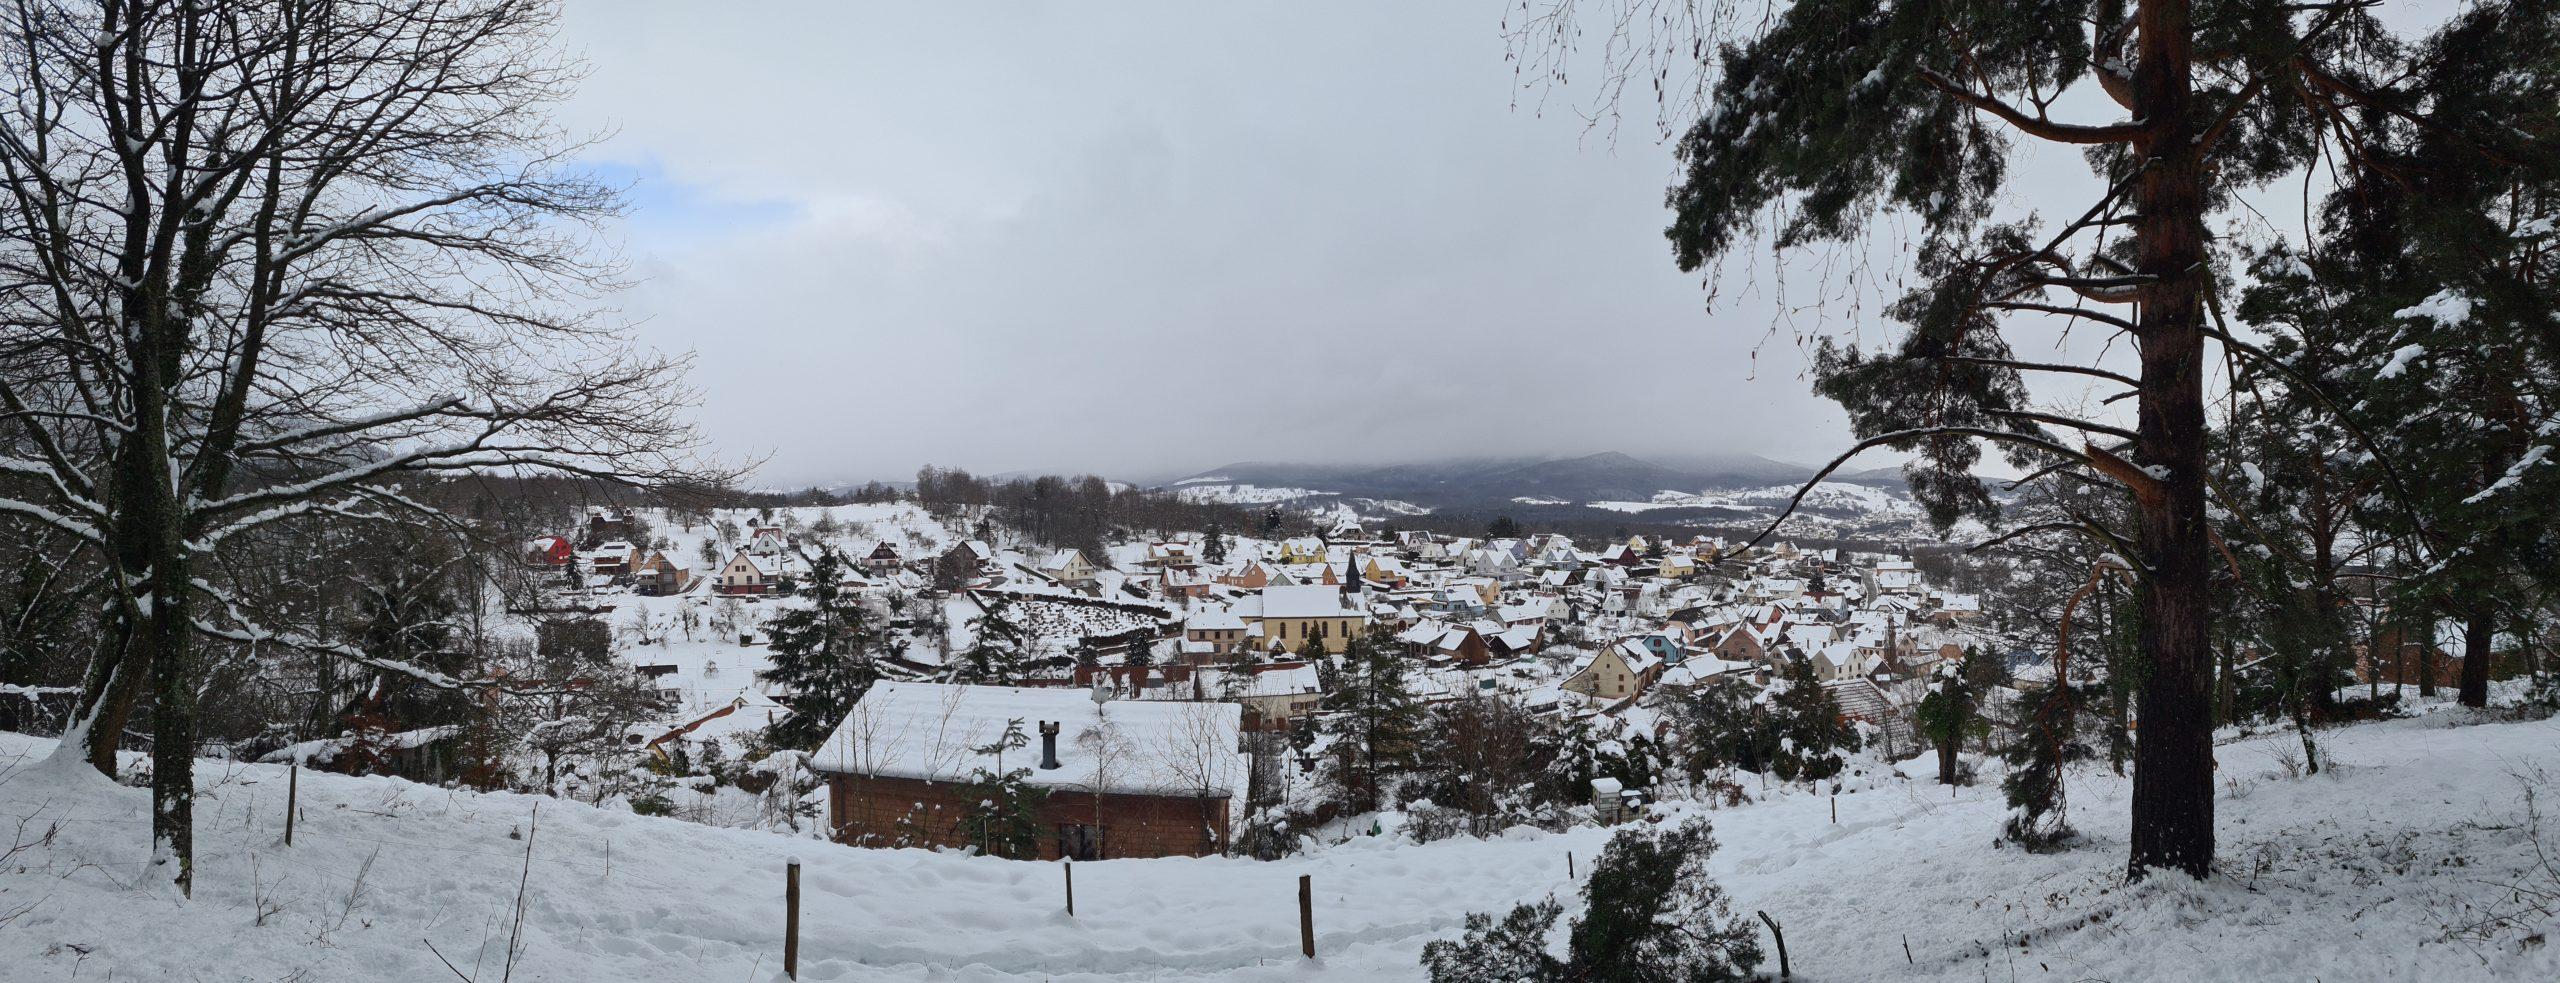 La commune de Neubois sous la neige